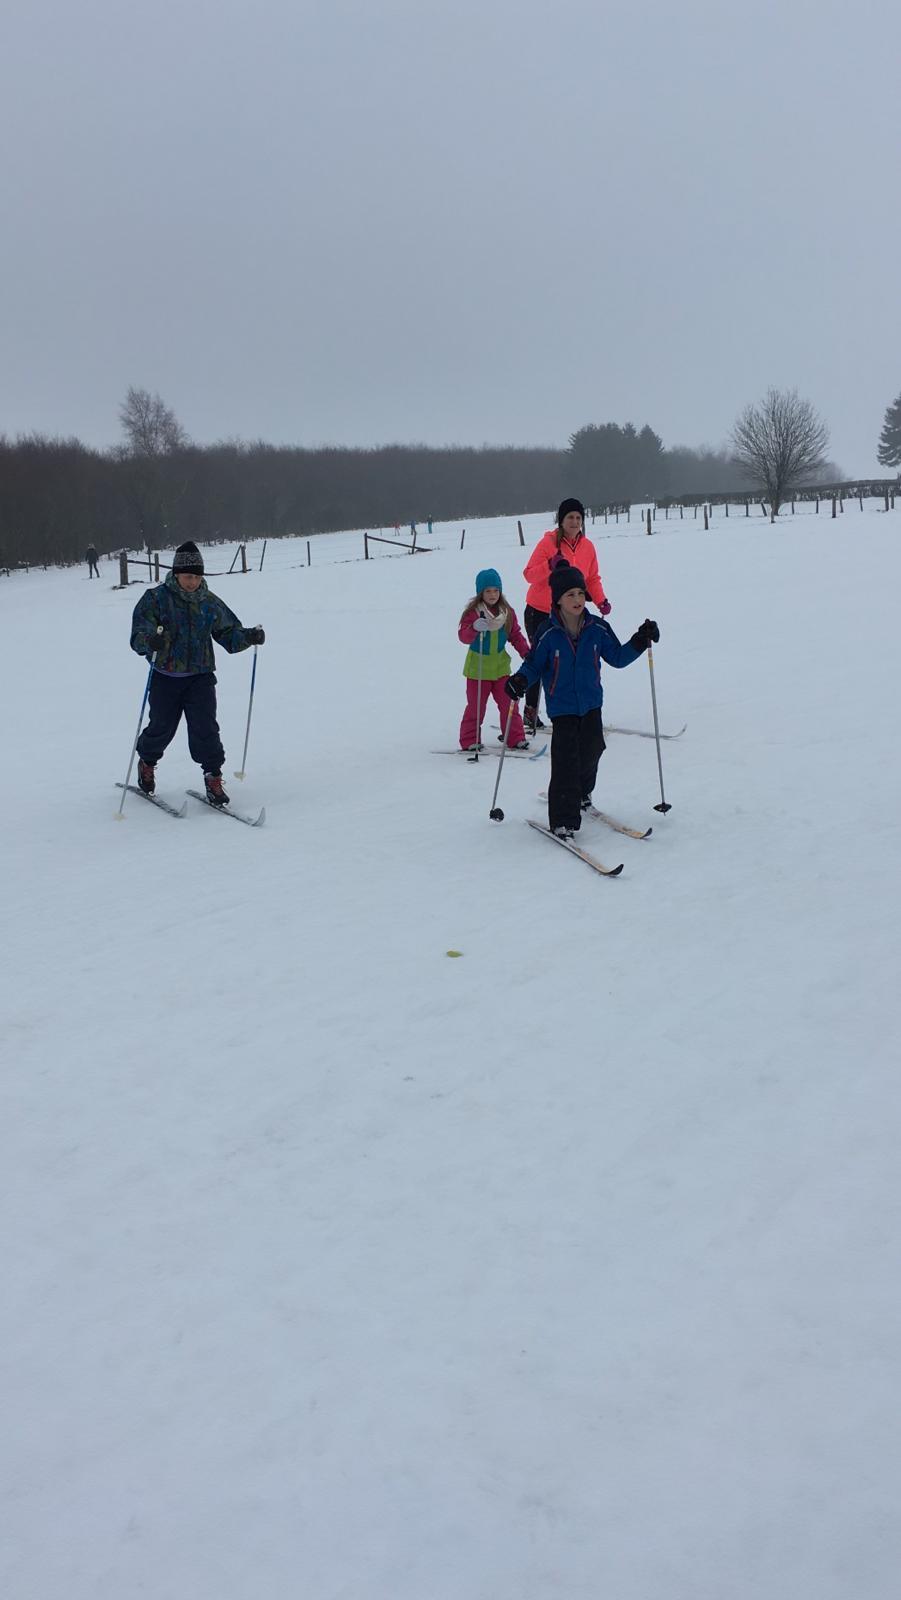 els-skifahren 1